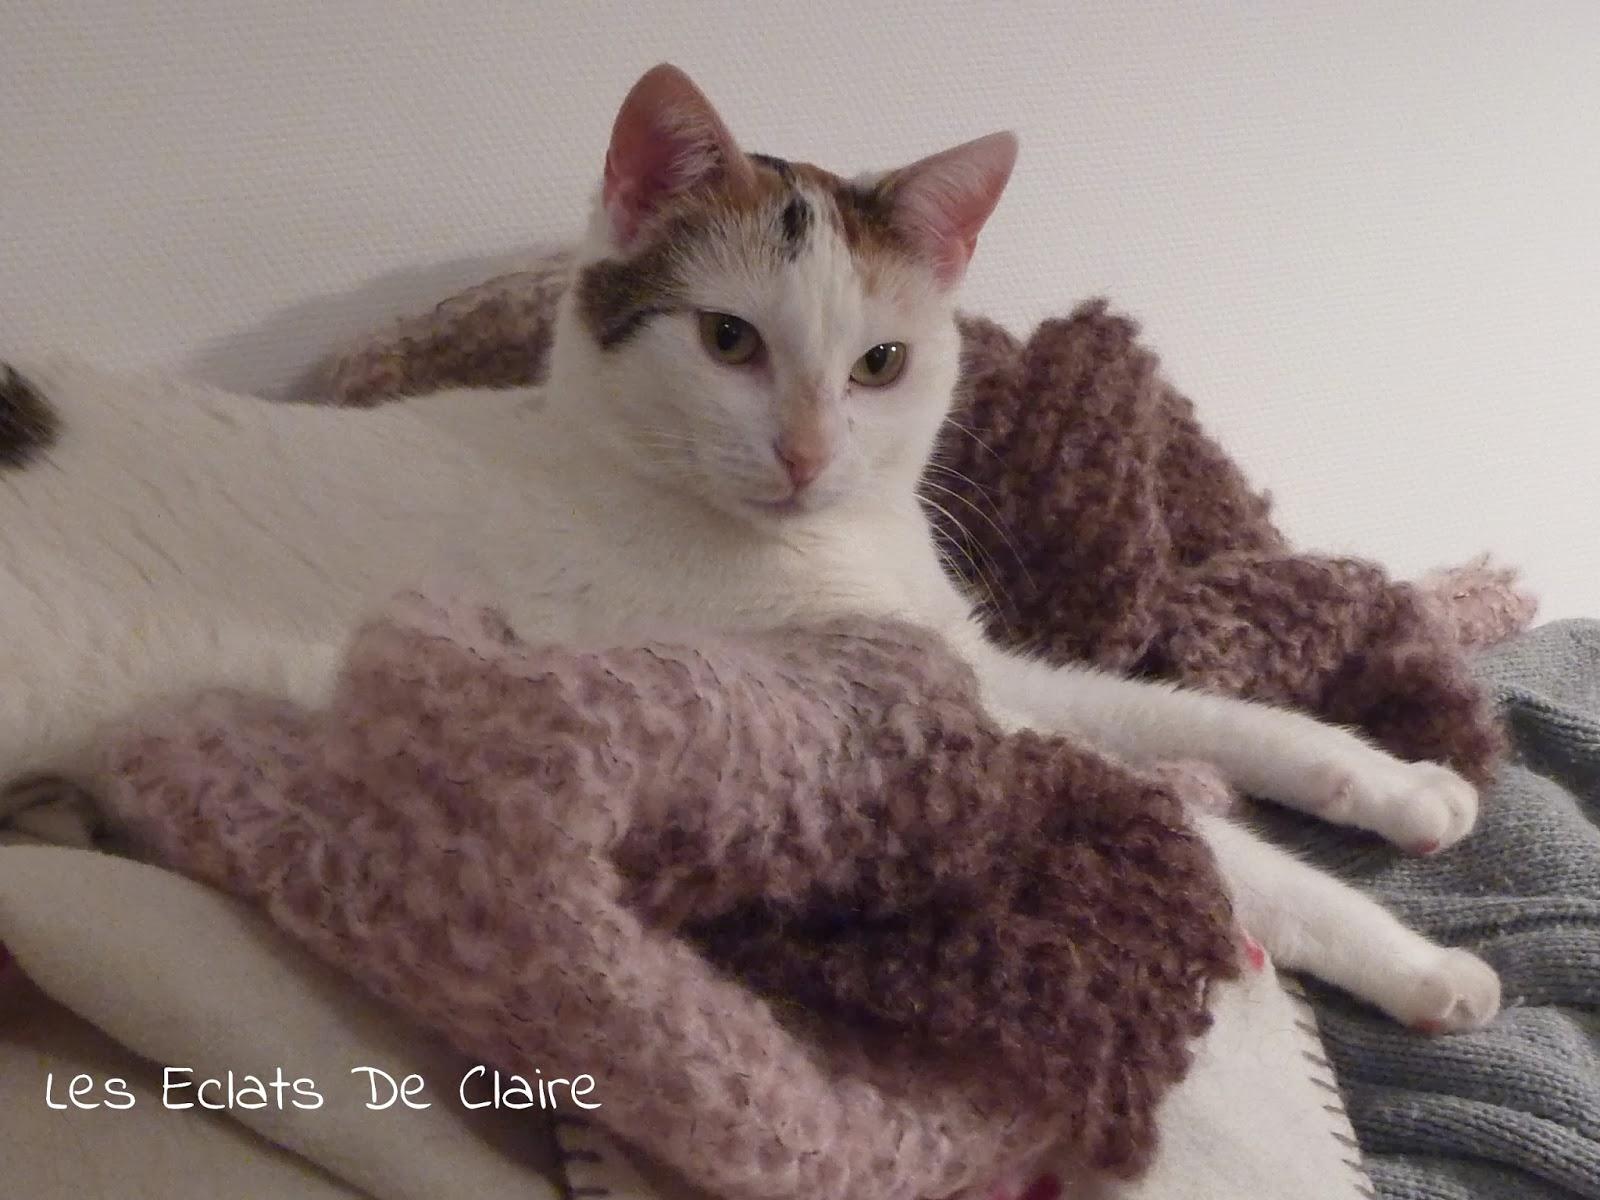 Les chats - Page 38 Barbouille+3+-+les+eclats+de+claire